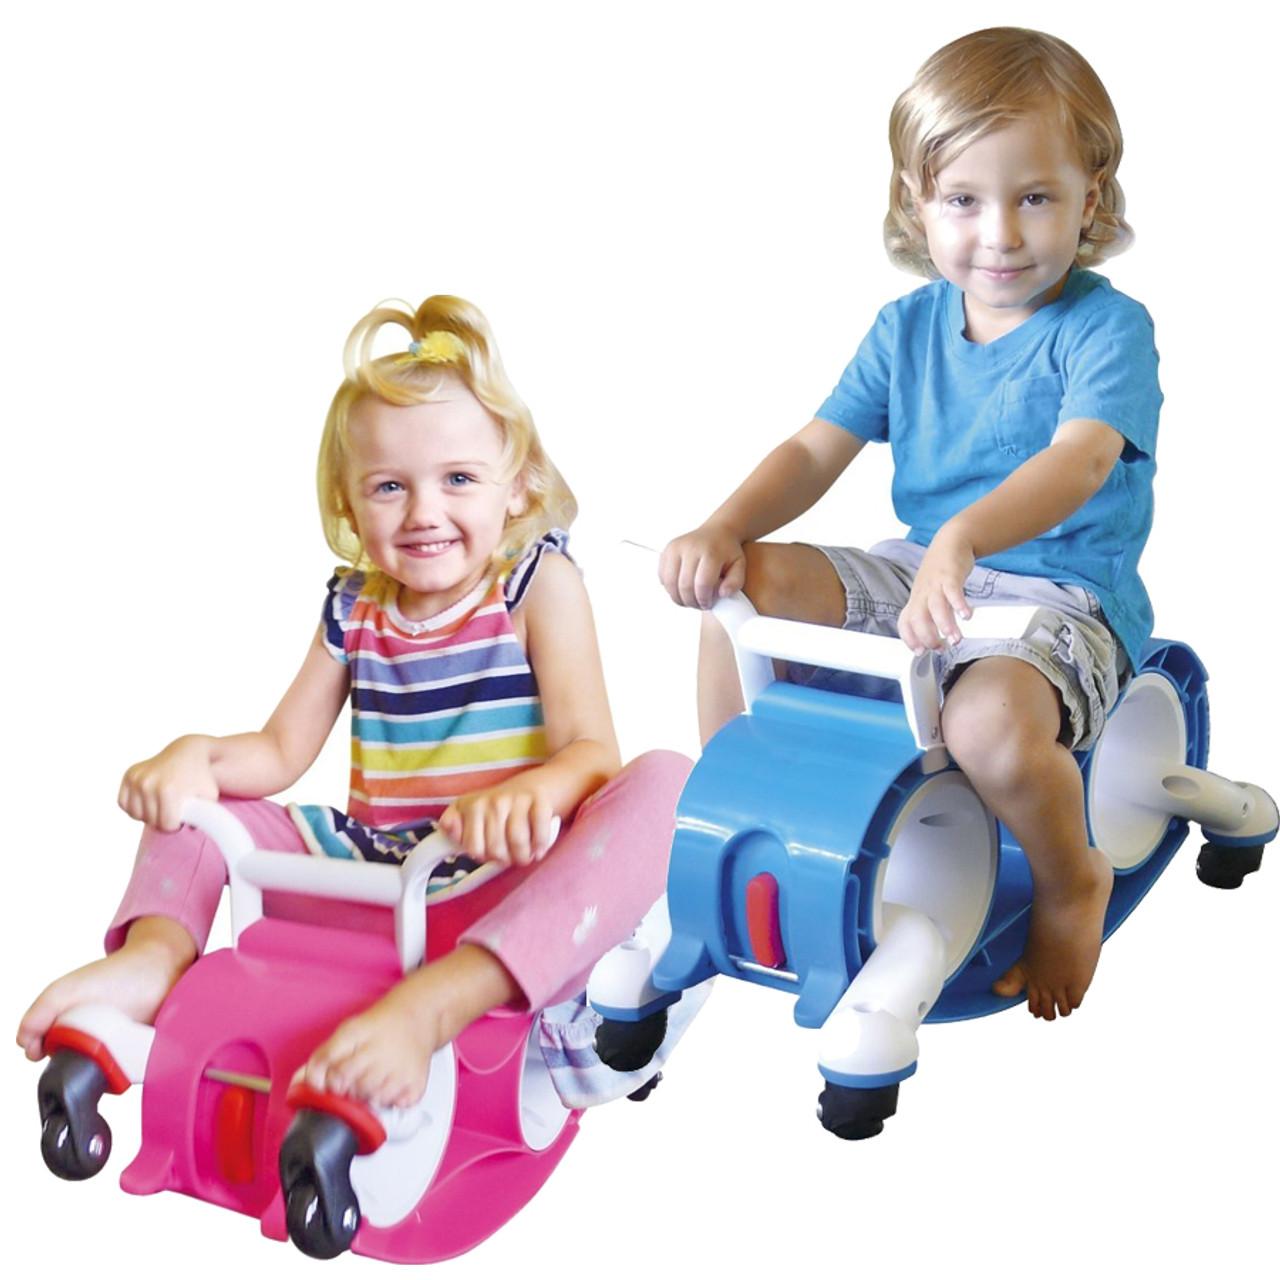 Kids ride on Balance Bike car